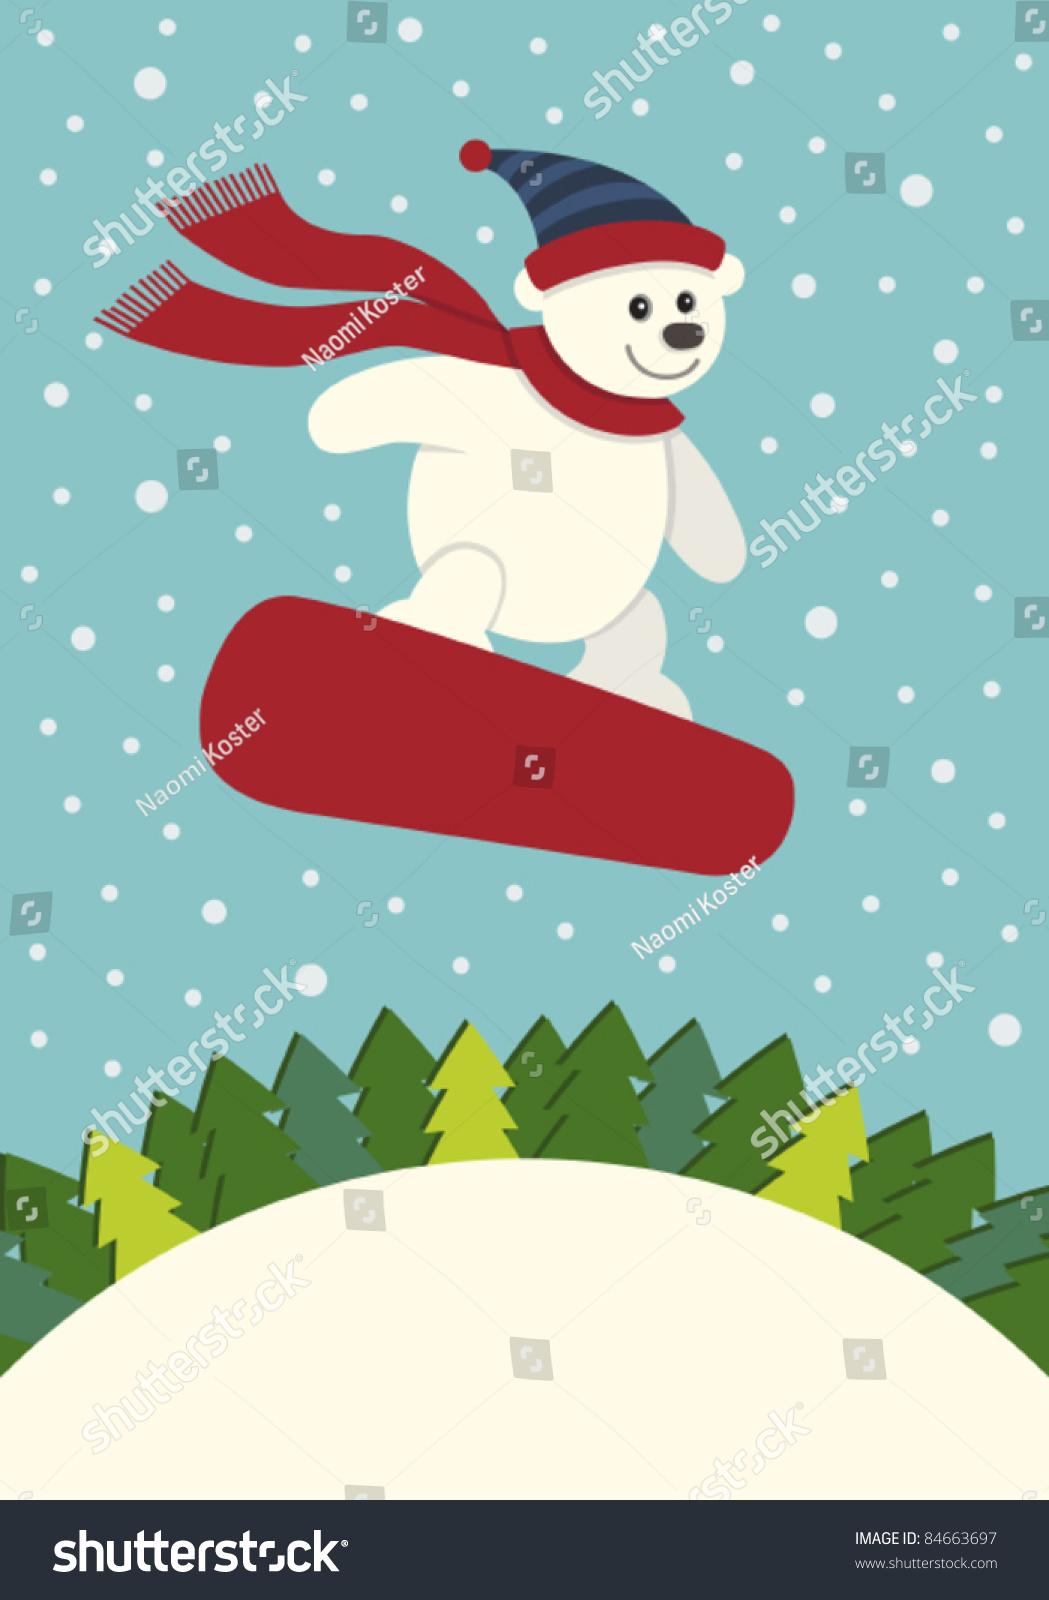 北极熊滑雪向量-假期,动物/野生生物-海洛创意()